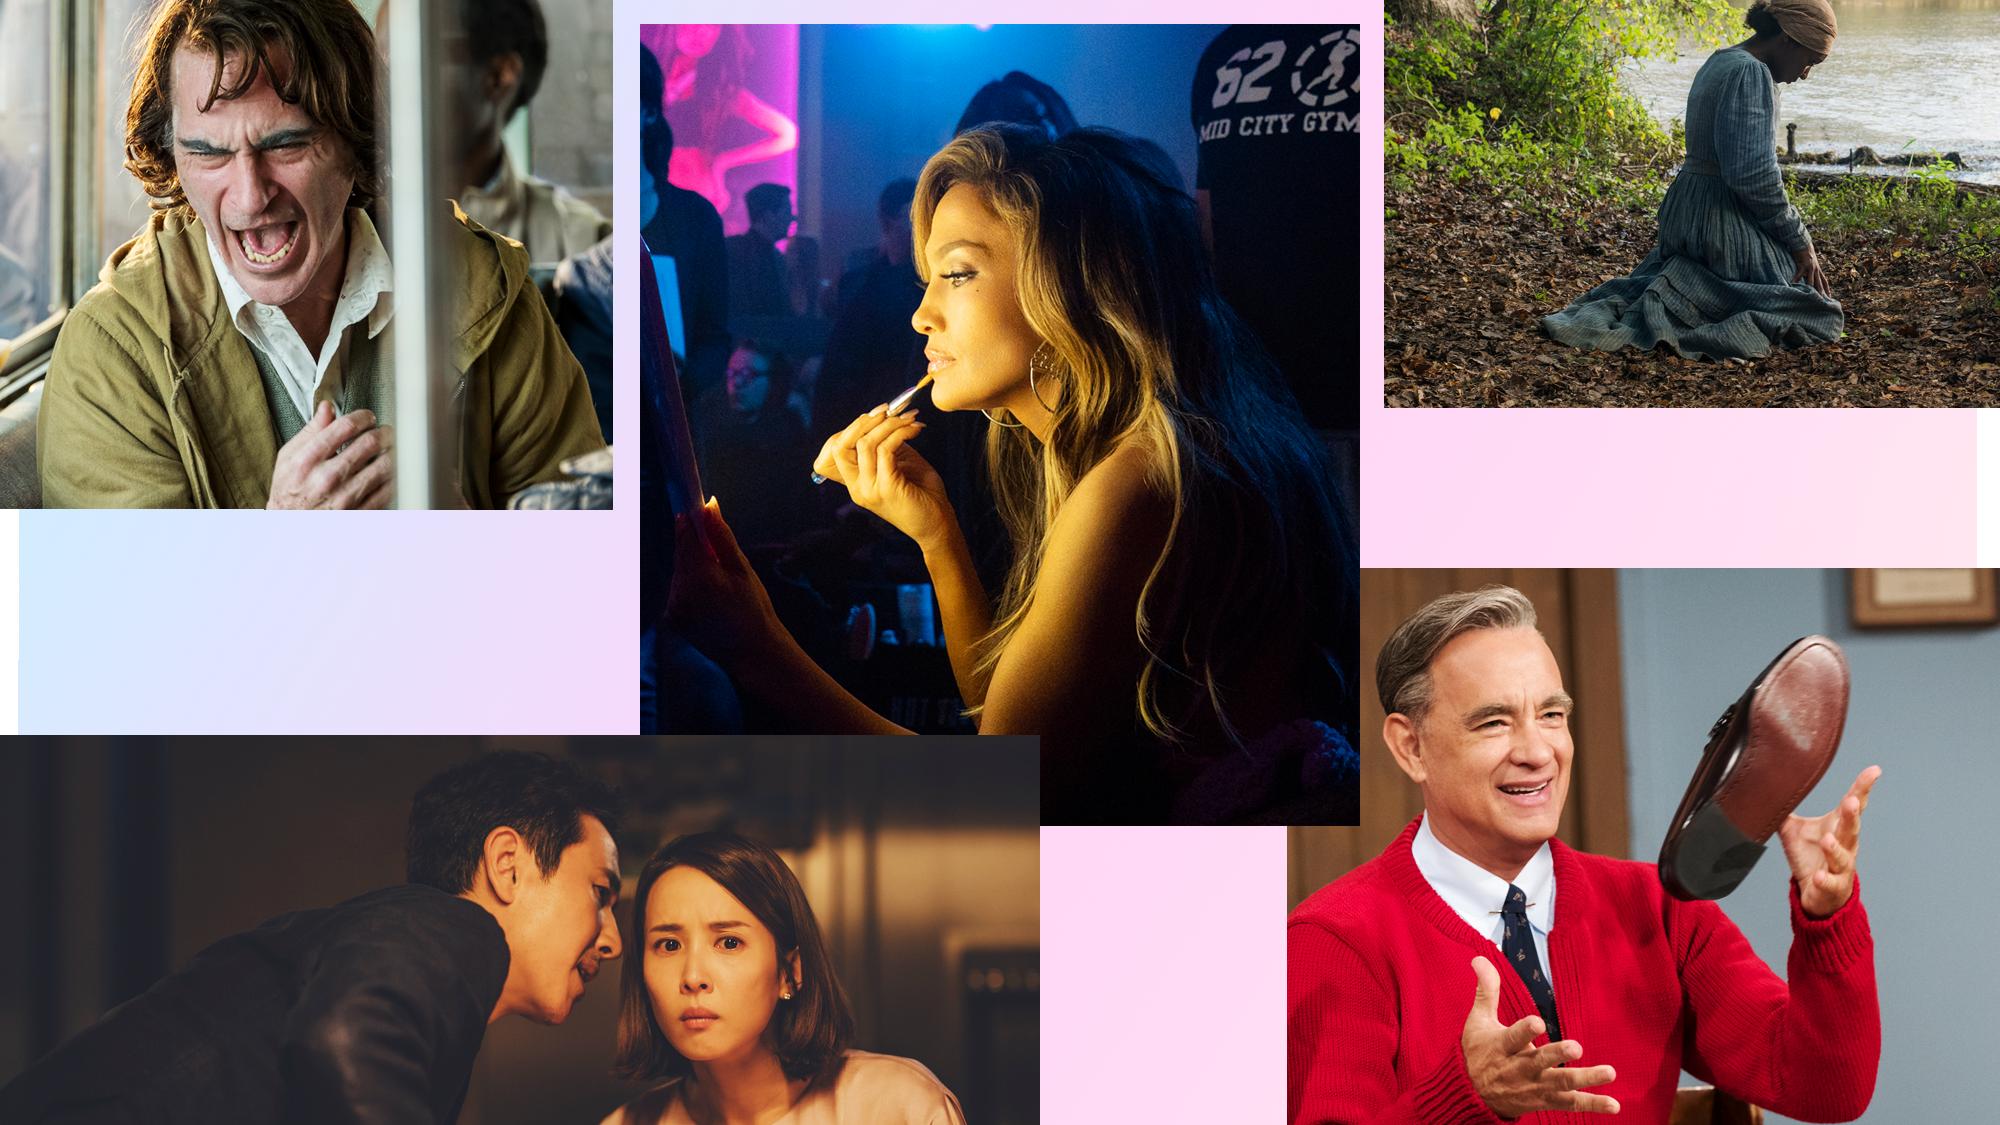 Oscar 2020: Tiếp tục là cuộc chiến bình đẳng giới? - Ảnh 6.